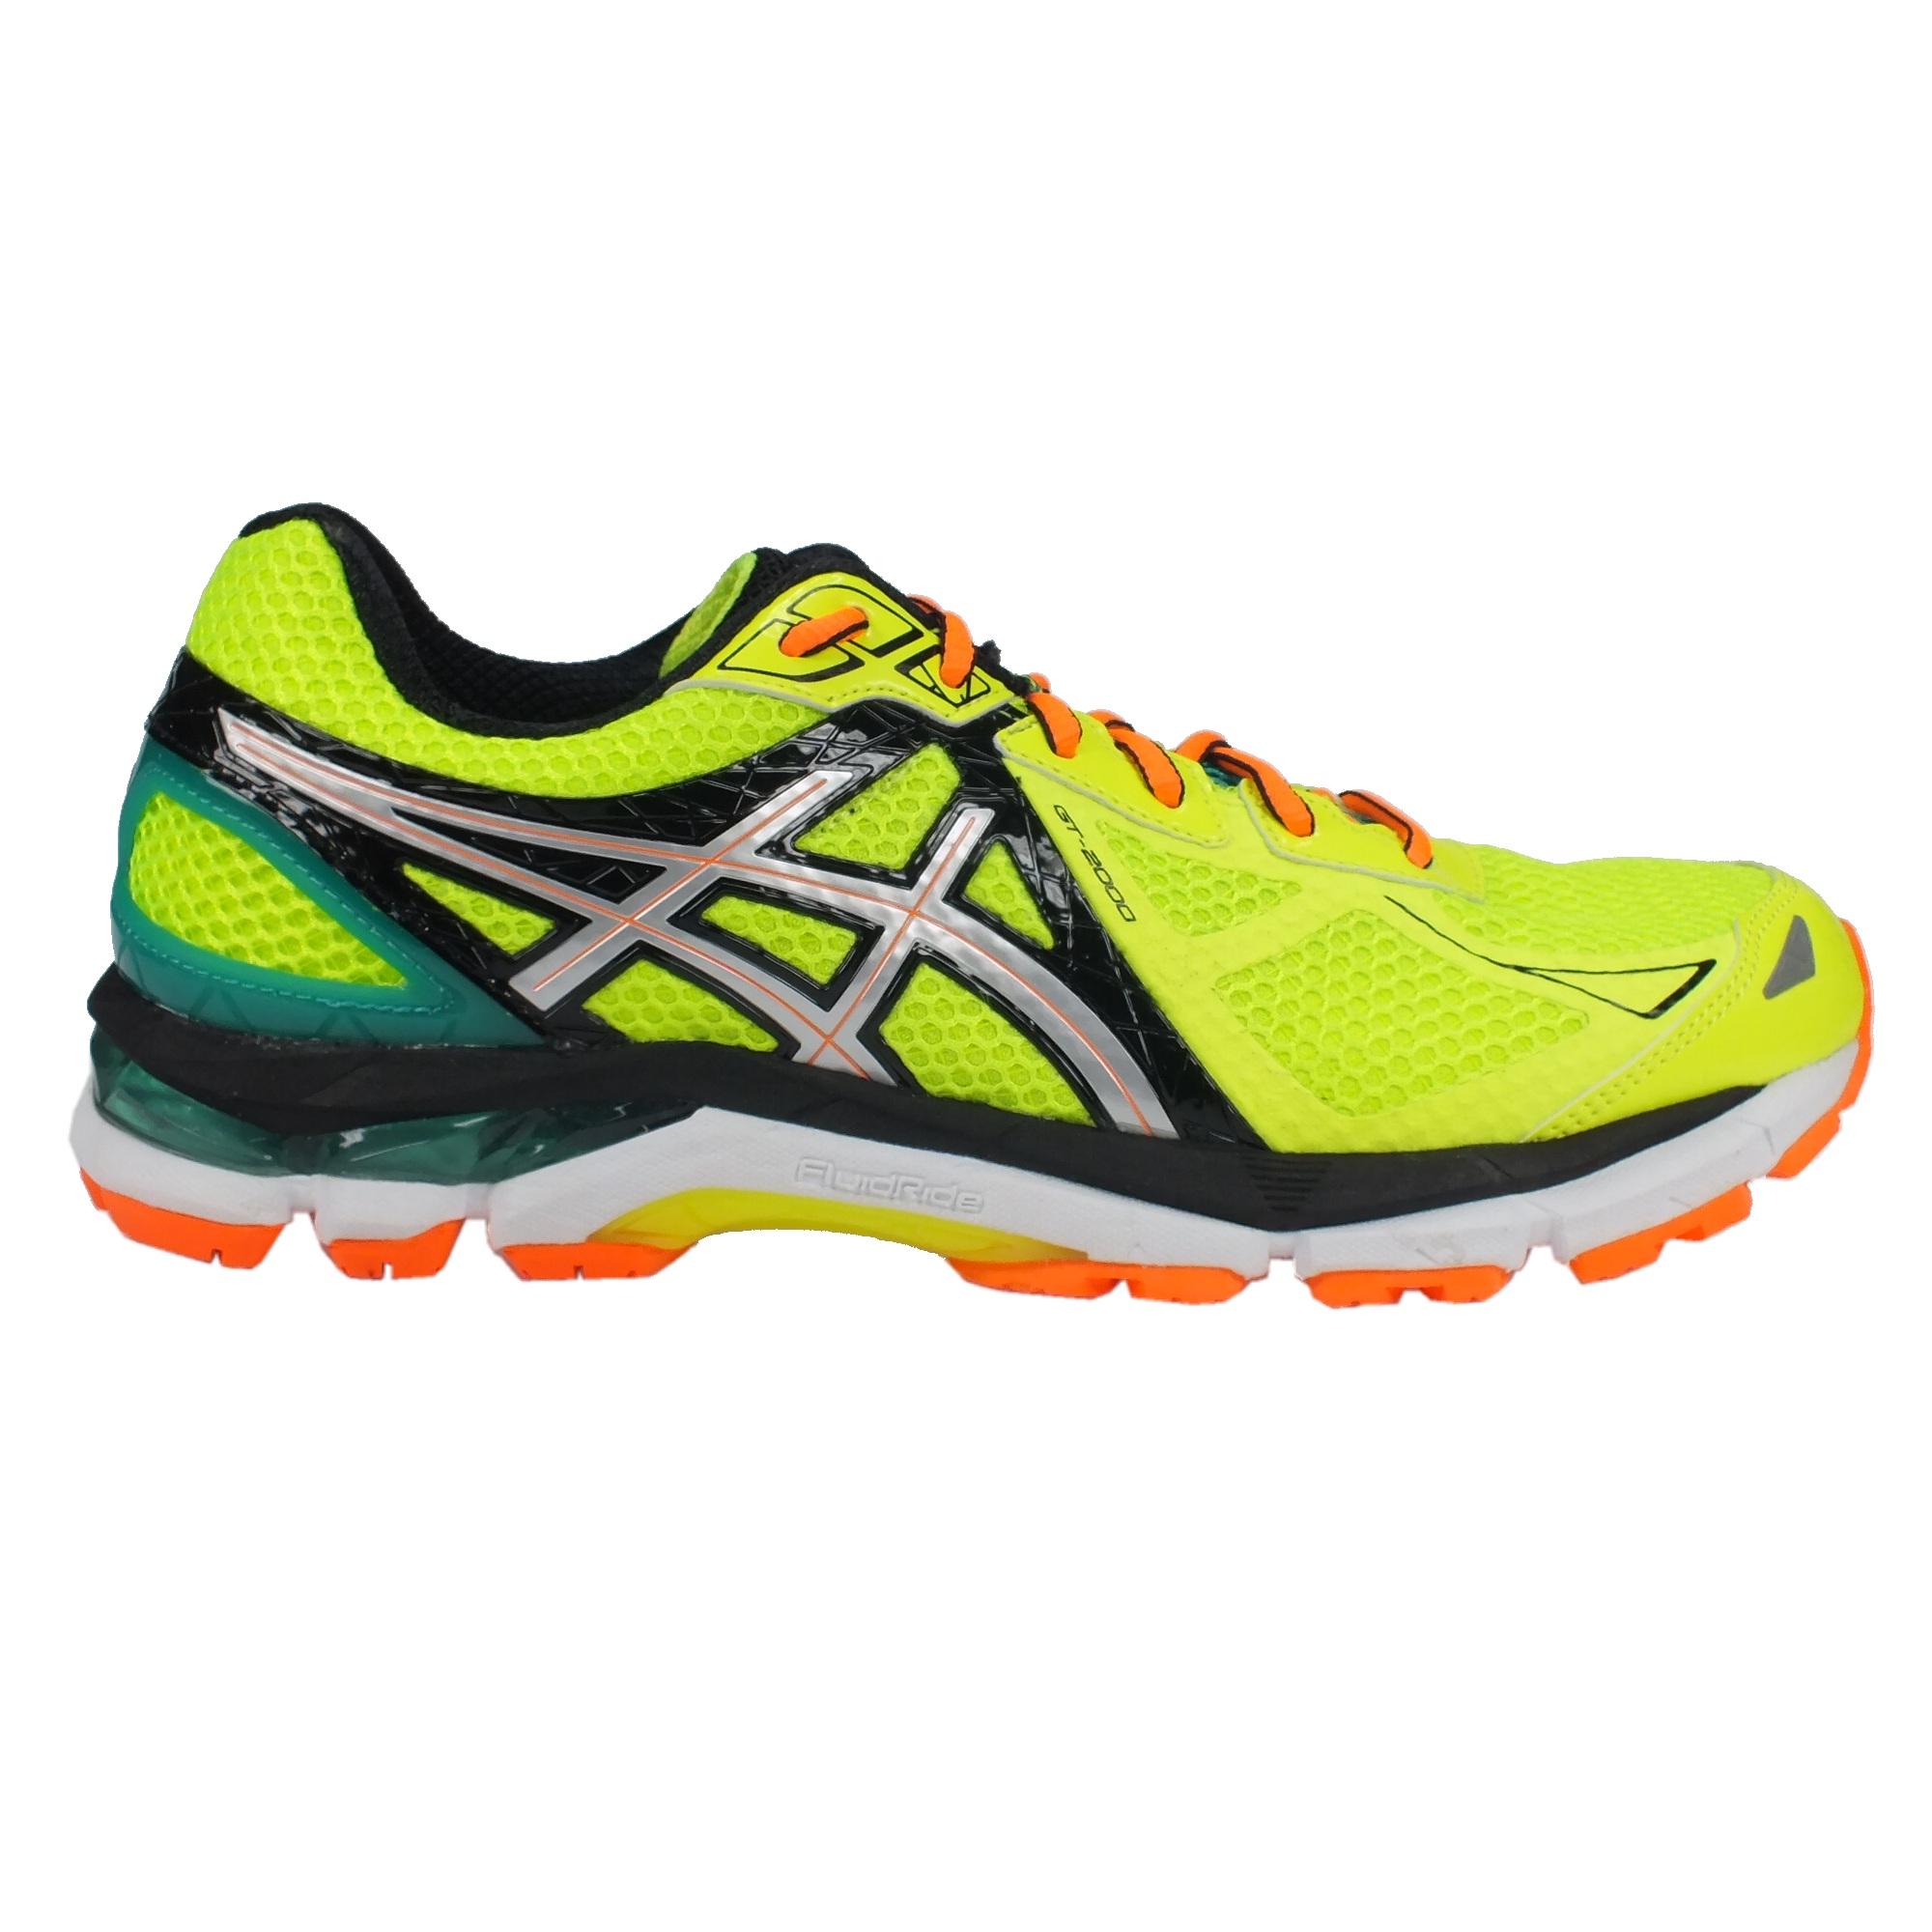 Asics GT-2000 V3 Schuhe Laufschuhe Joggingschuhe Sportschuhe Fitness Herren